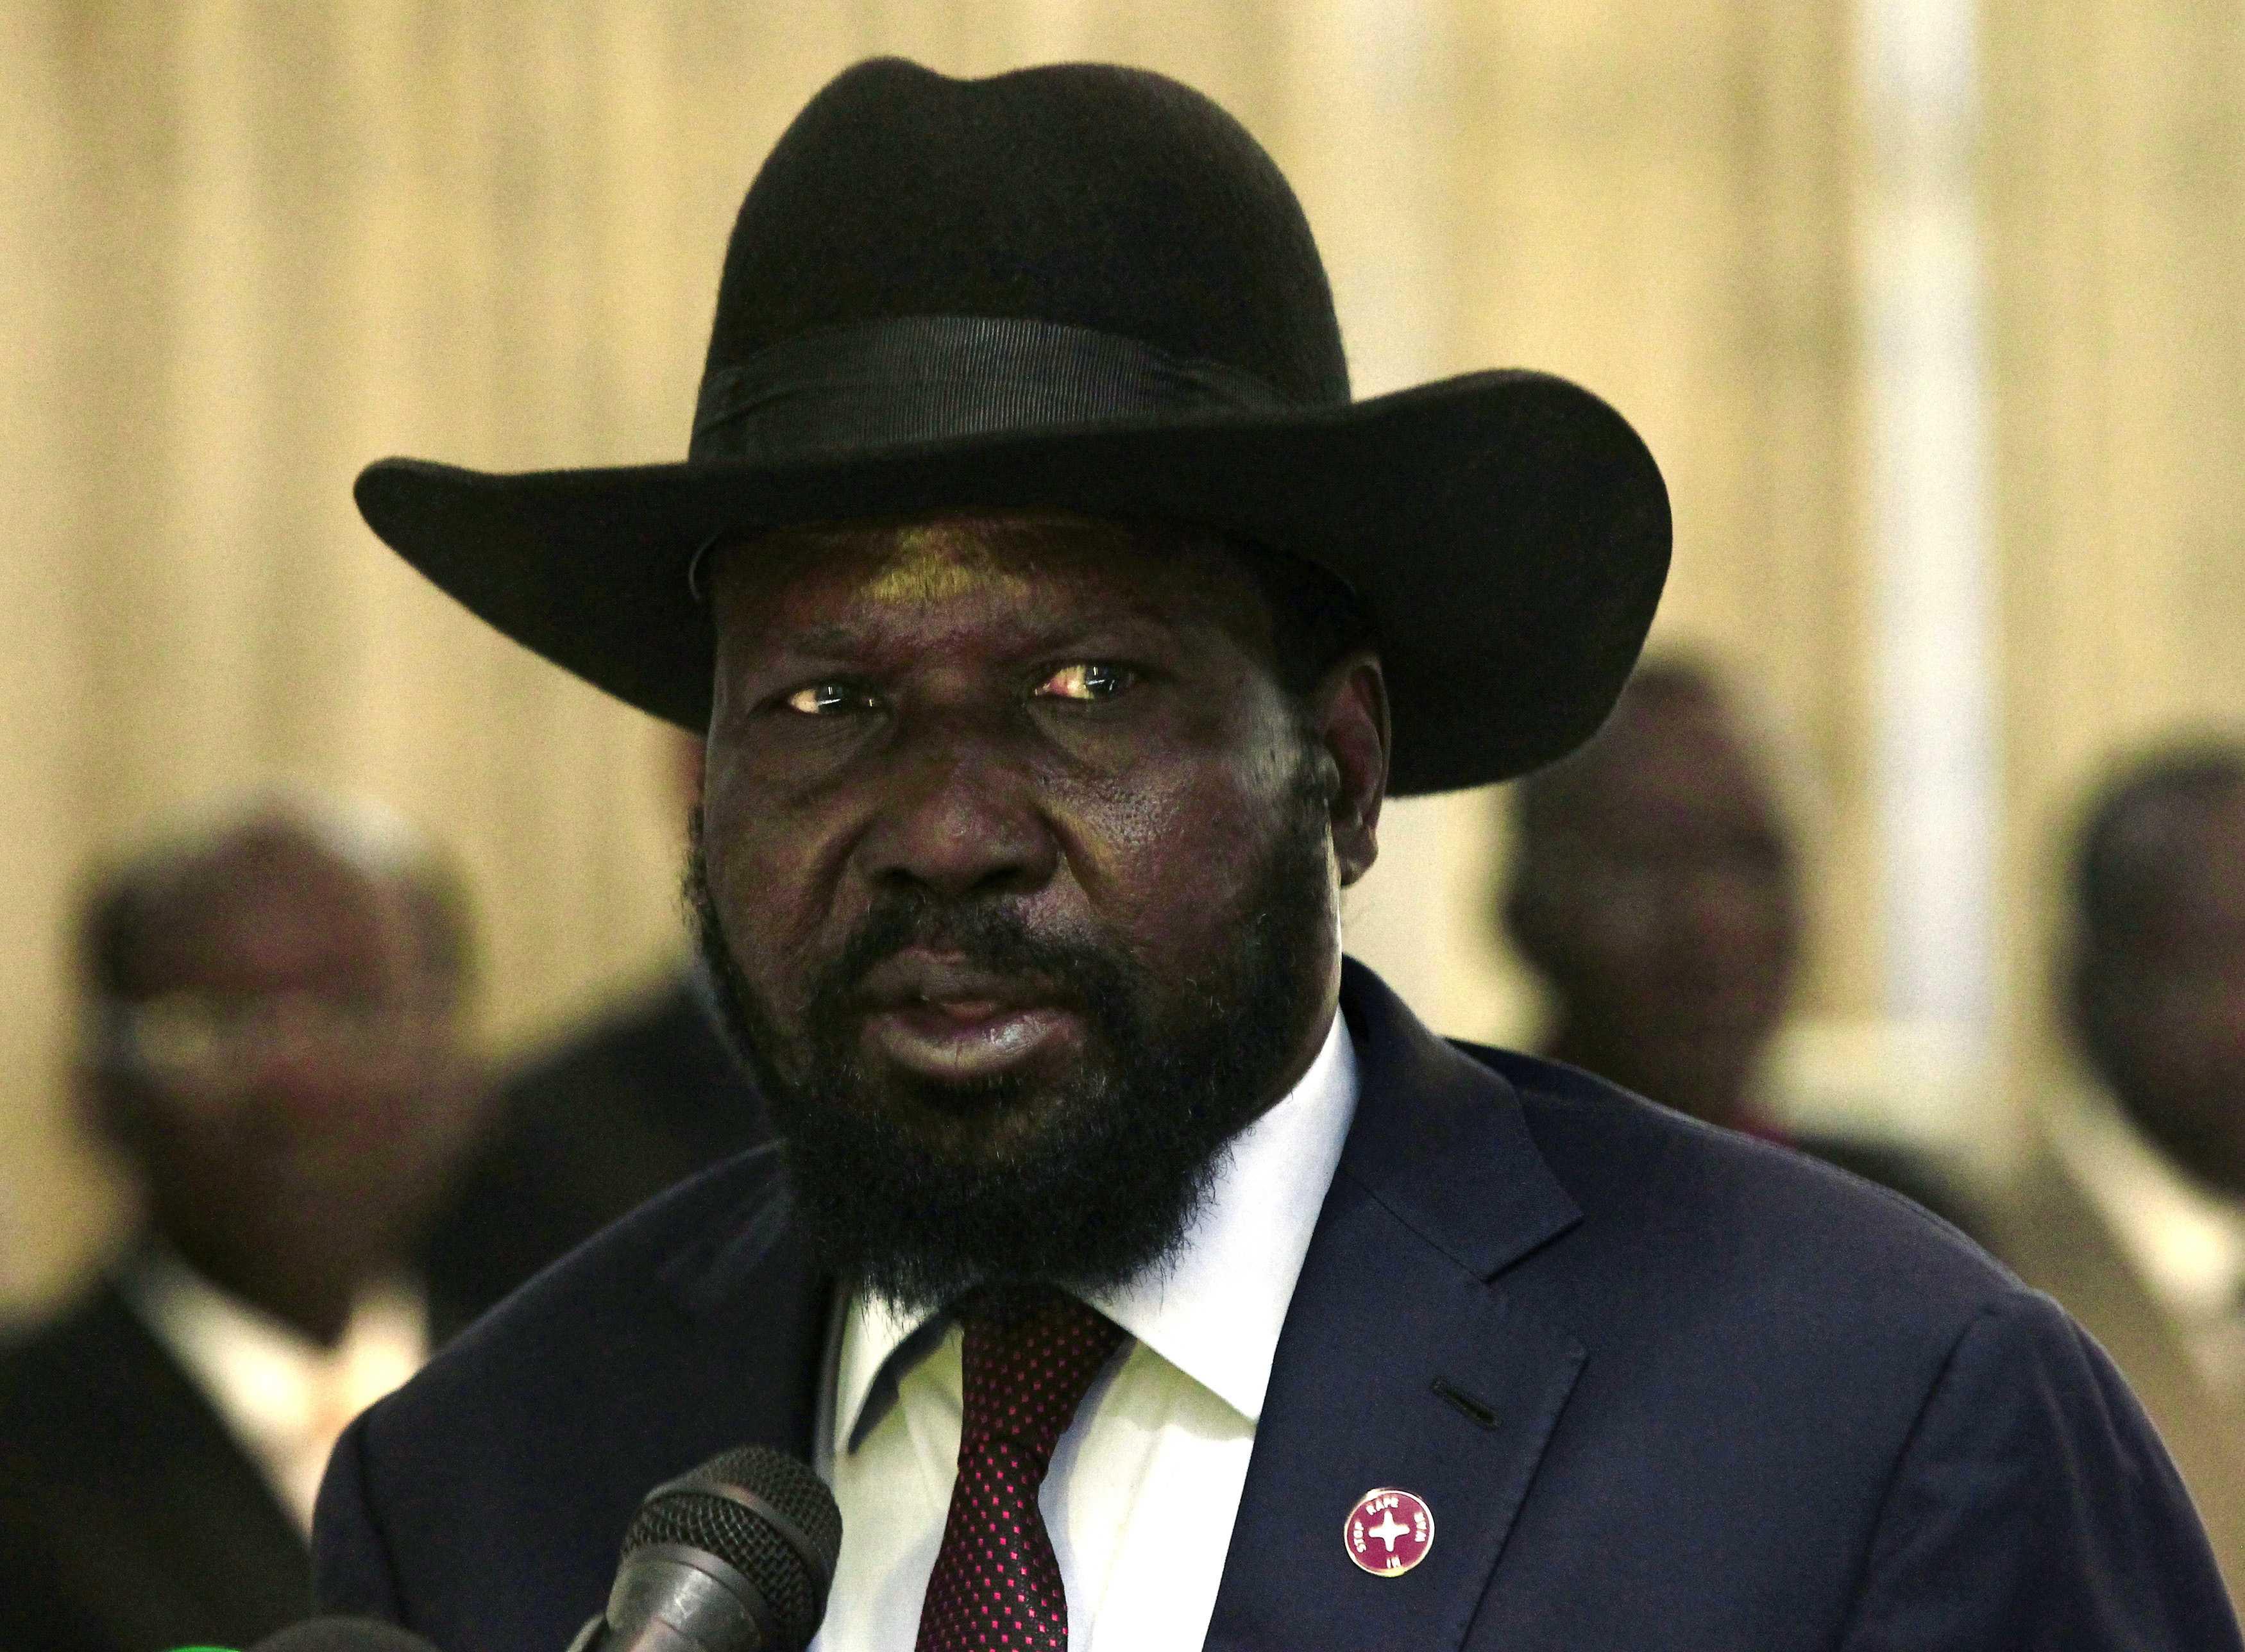 U.S. Announces It Will Propose U.N. Sanctions Regime for South Sudan